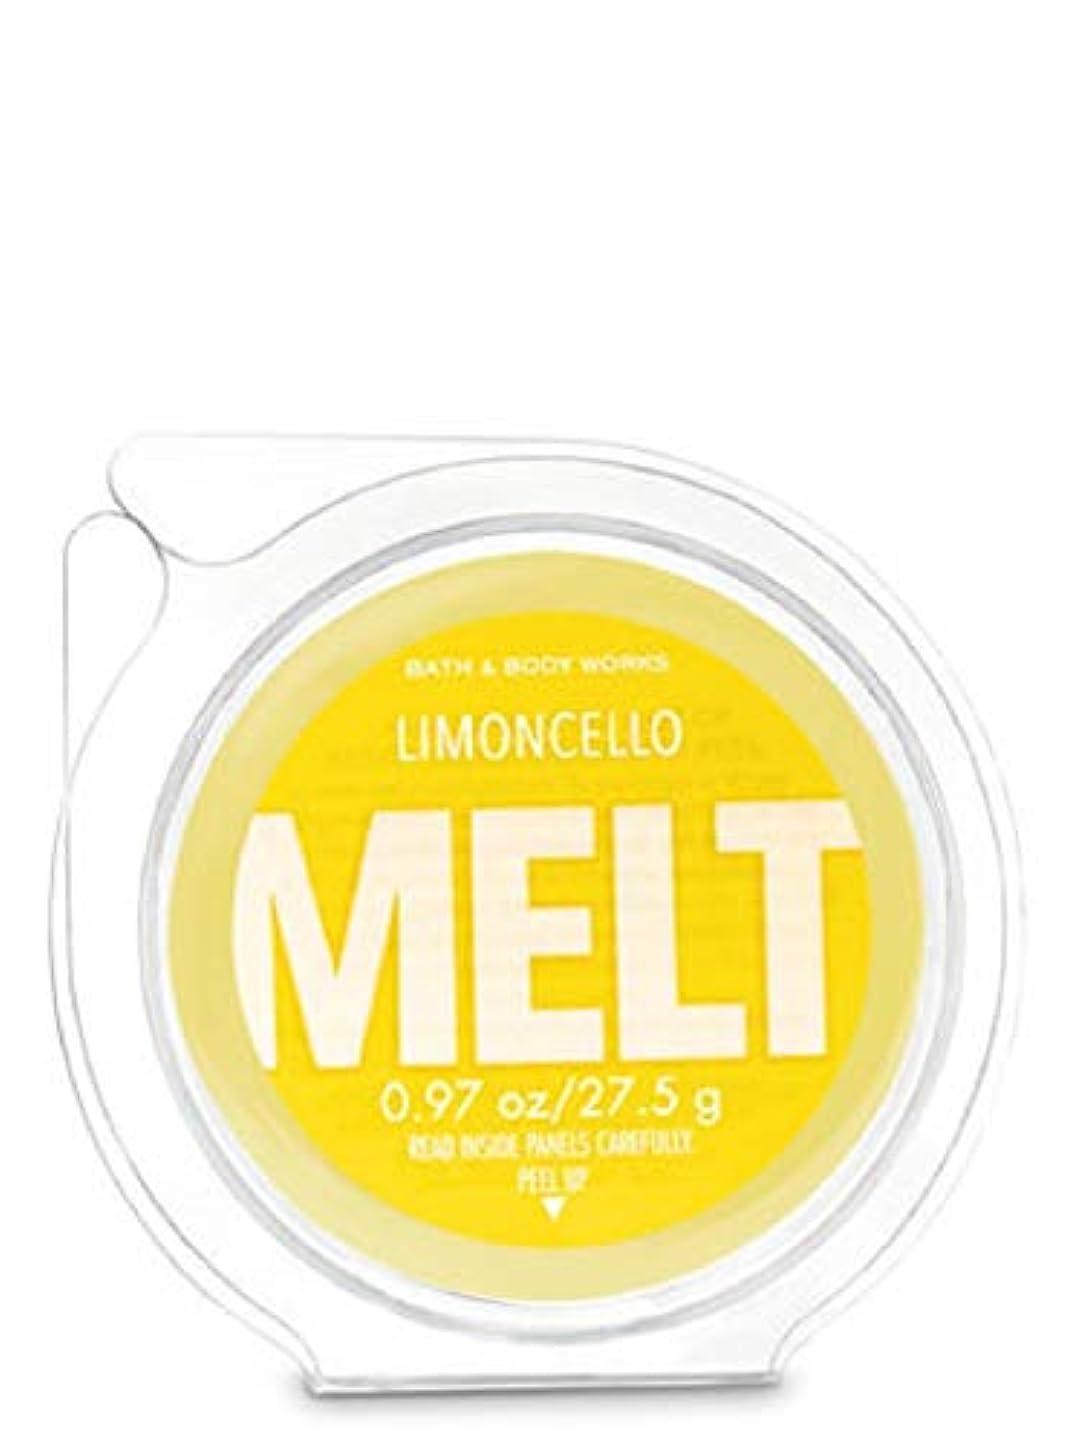 実験的貝殻アクセスできない【Bath&Body Works/バス&ボディワークス】 フレグランスメルト タルト ワックスポプリ リモンチェッロ Wax Fragrance Melt Limoncello 0.97oz / 27.5g